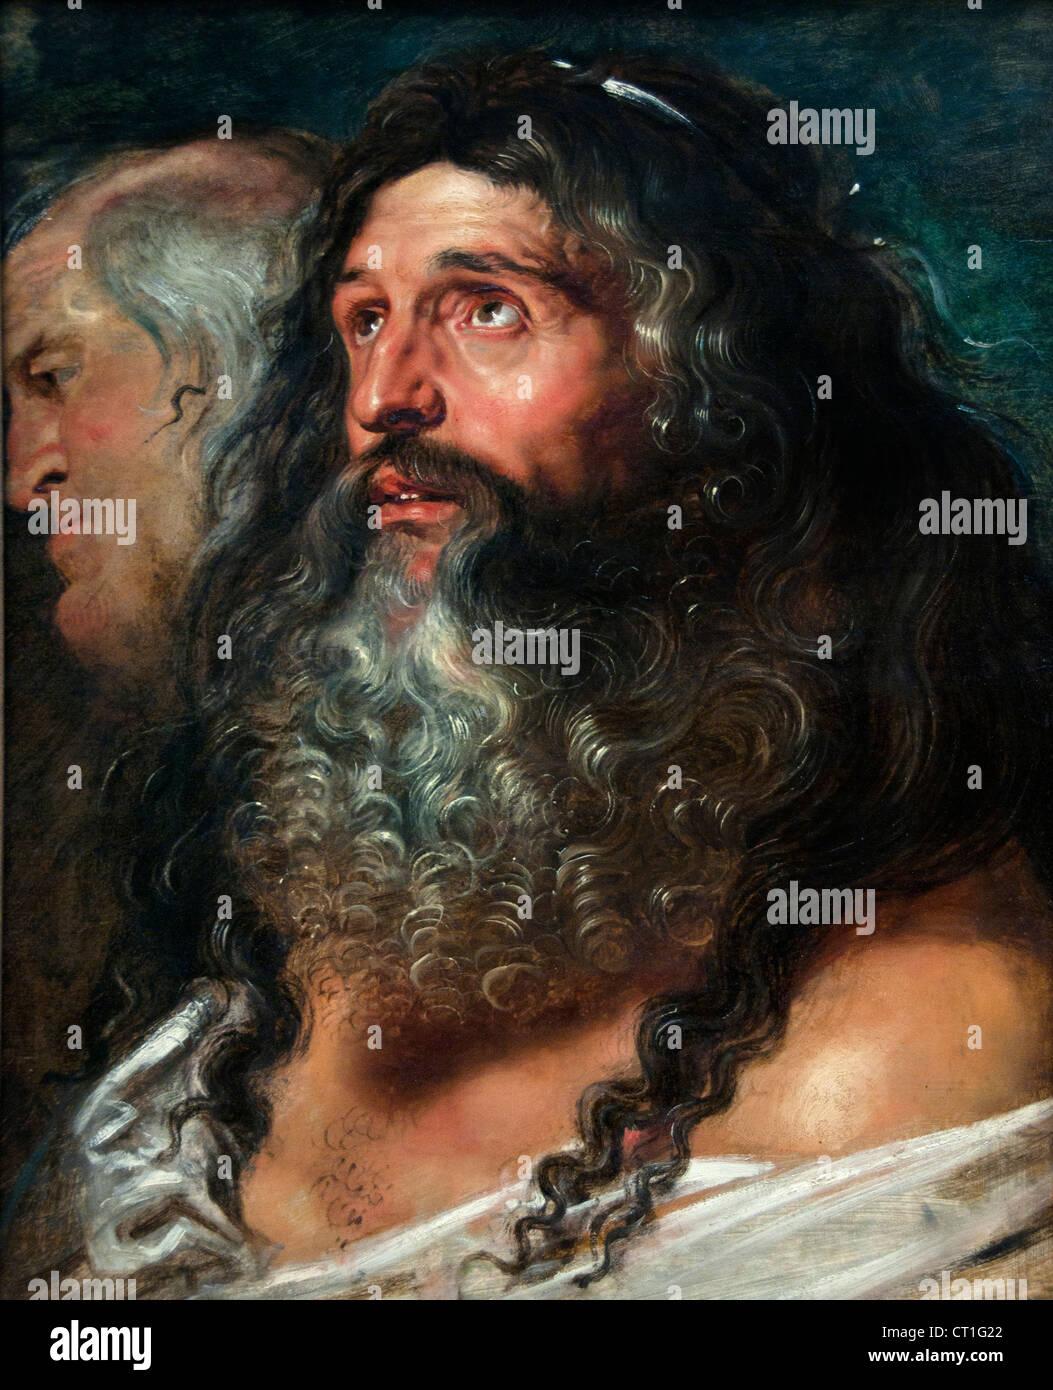 Étude de deux chefs 1608 Peter Paul Rubens 1577-1640 Belgique belge flamande Photo Stock